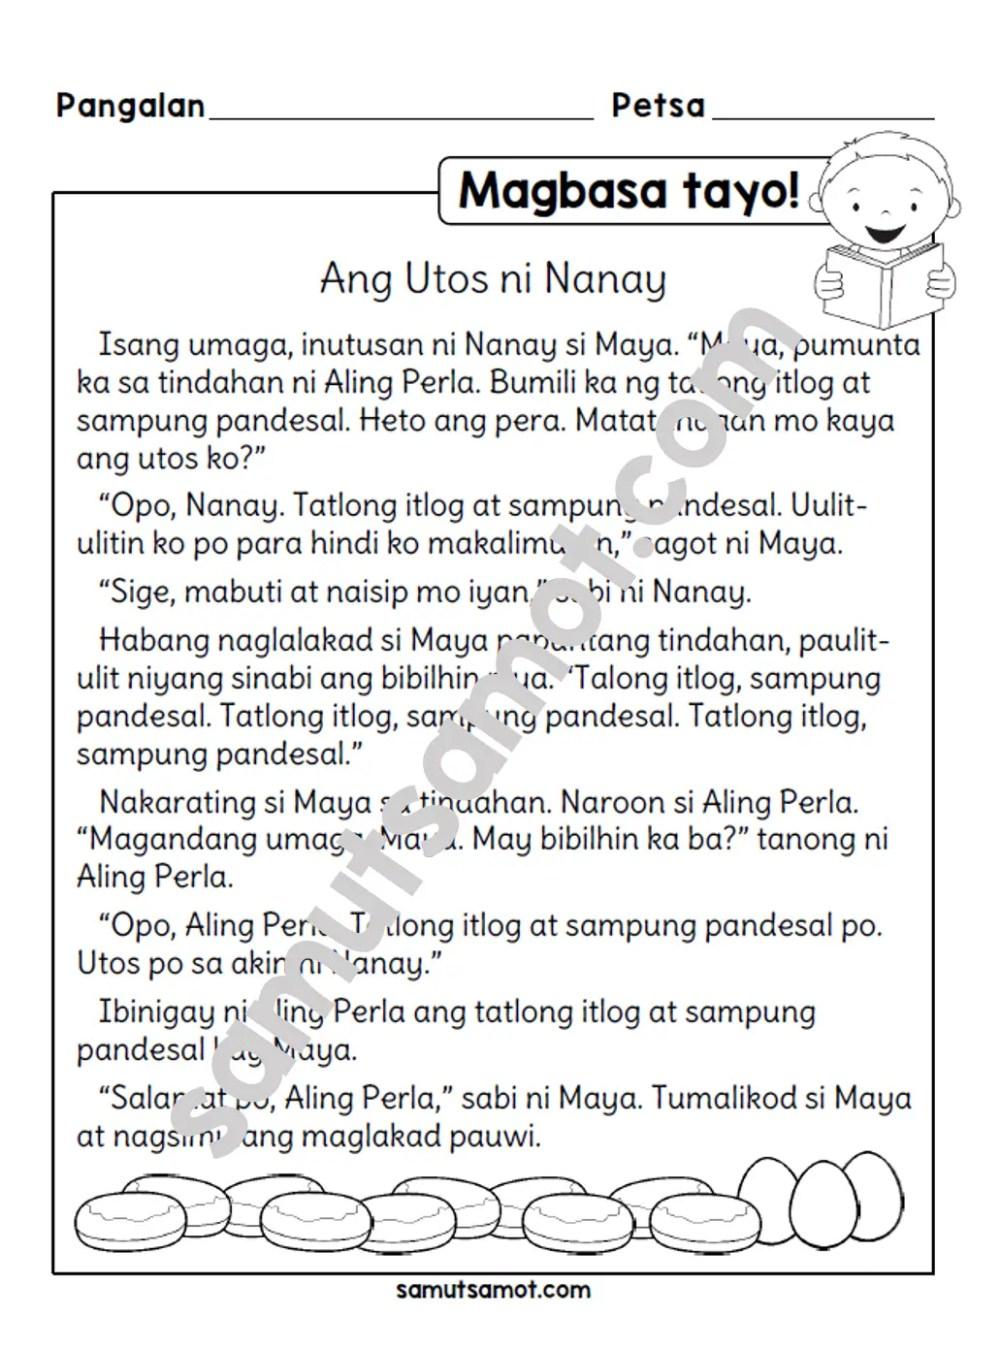 medium resolution of Magbasa Tayo!: Ang Utos ni Nanay - Samut-samot